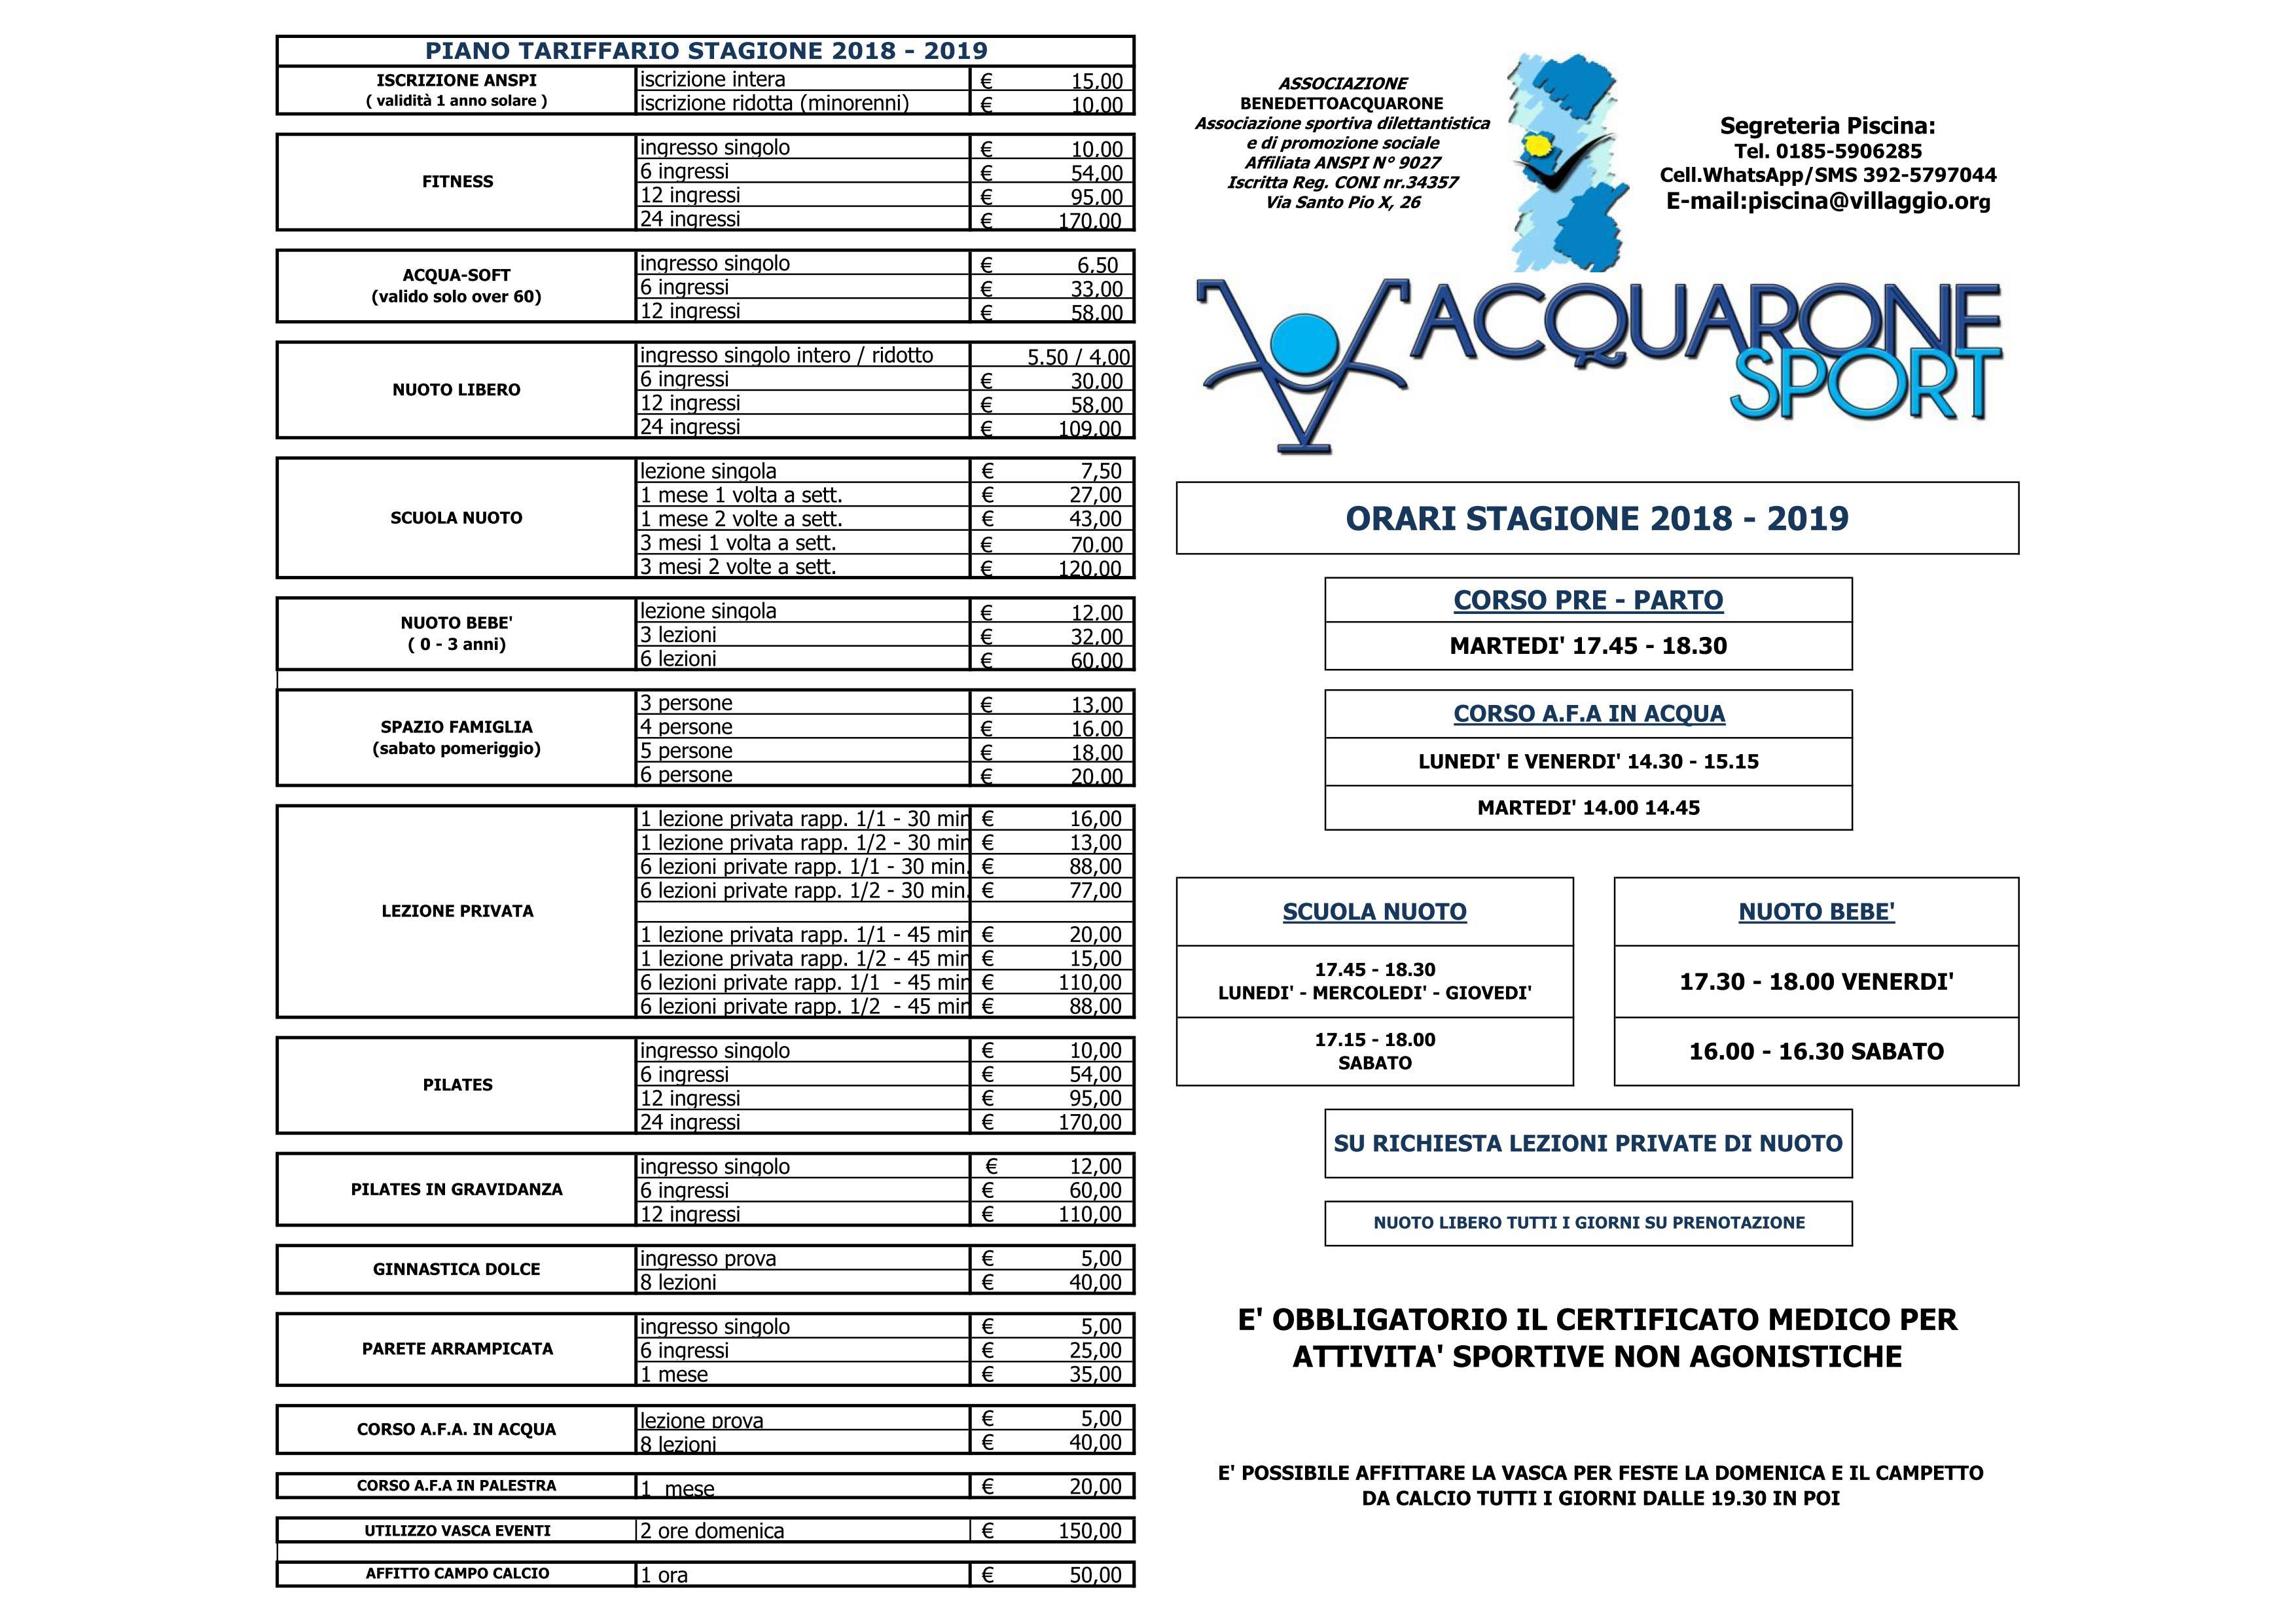 Acquarone Sport - Prezzi 2018-2019